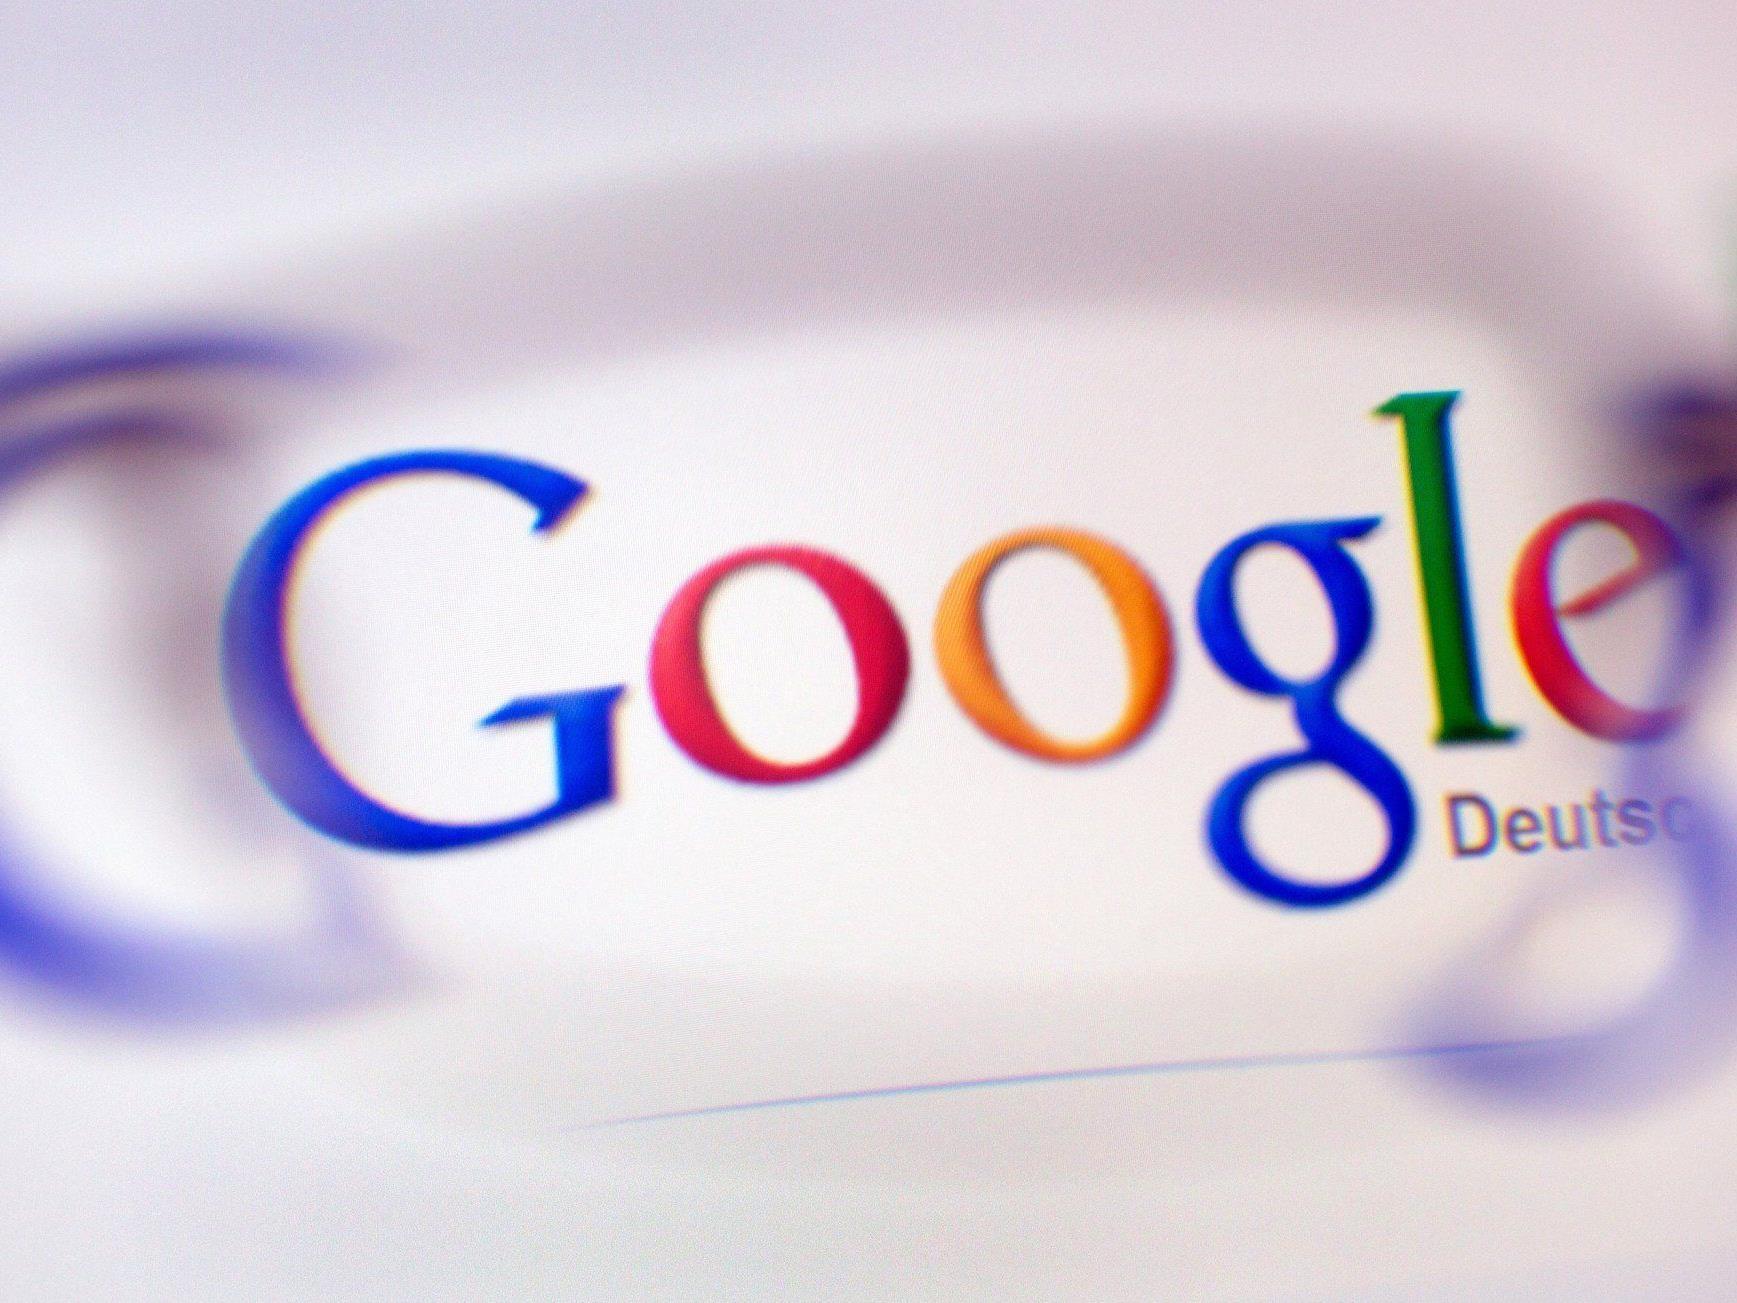 Suchanfragen bei Google werden nun standardmäßig verschlüsselt.